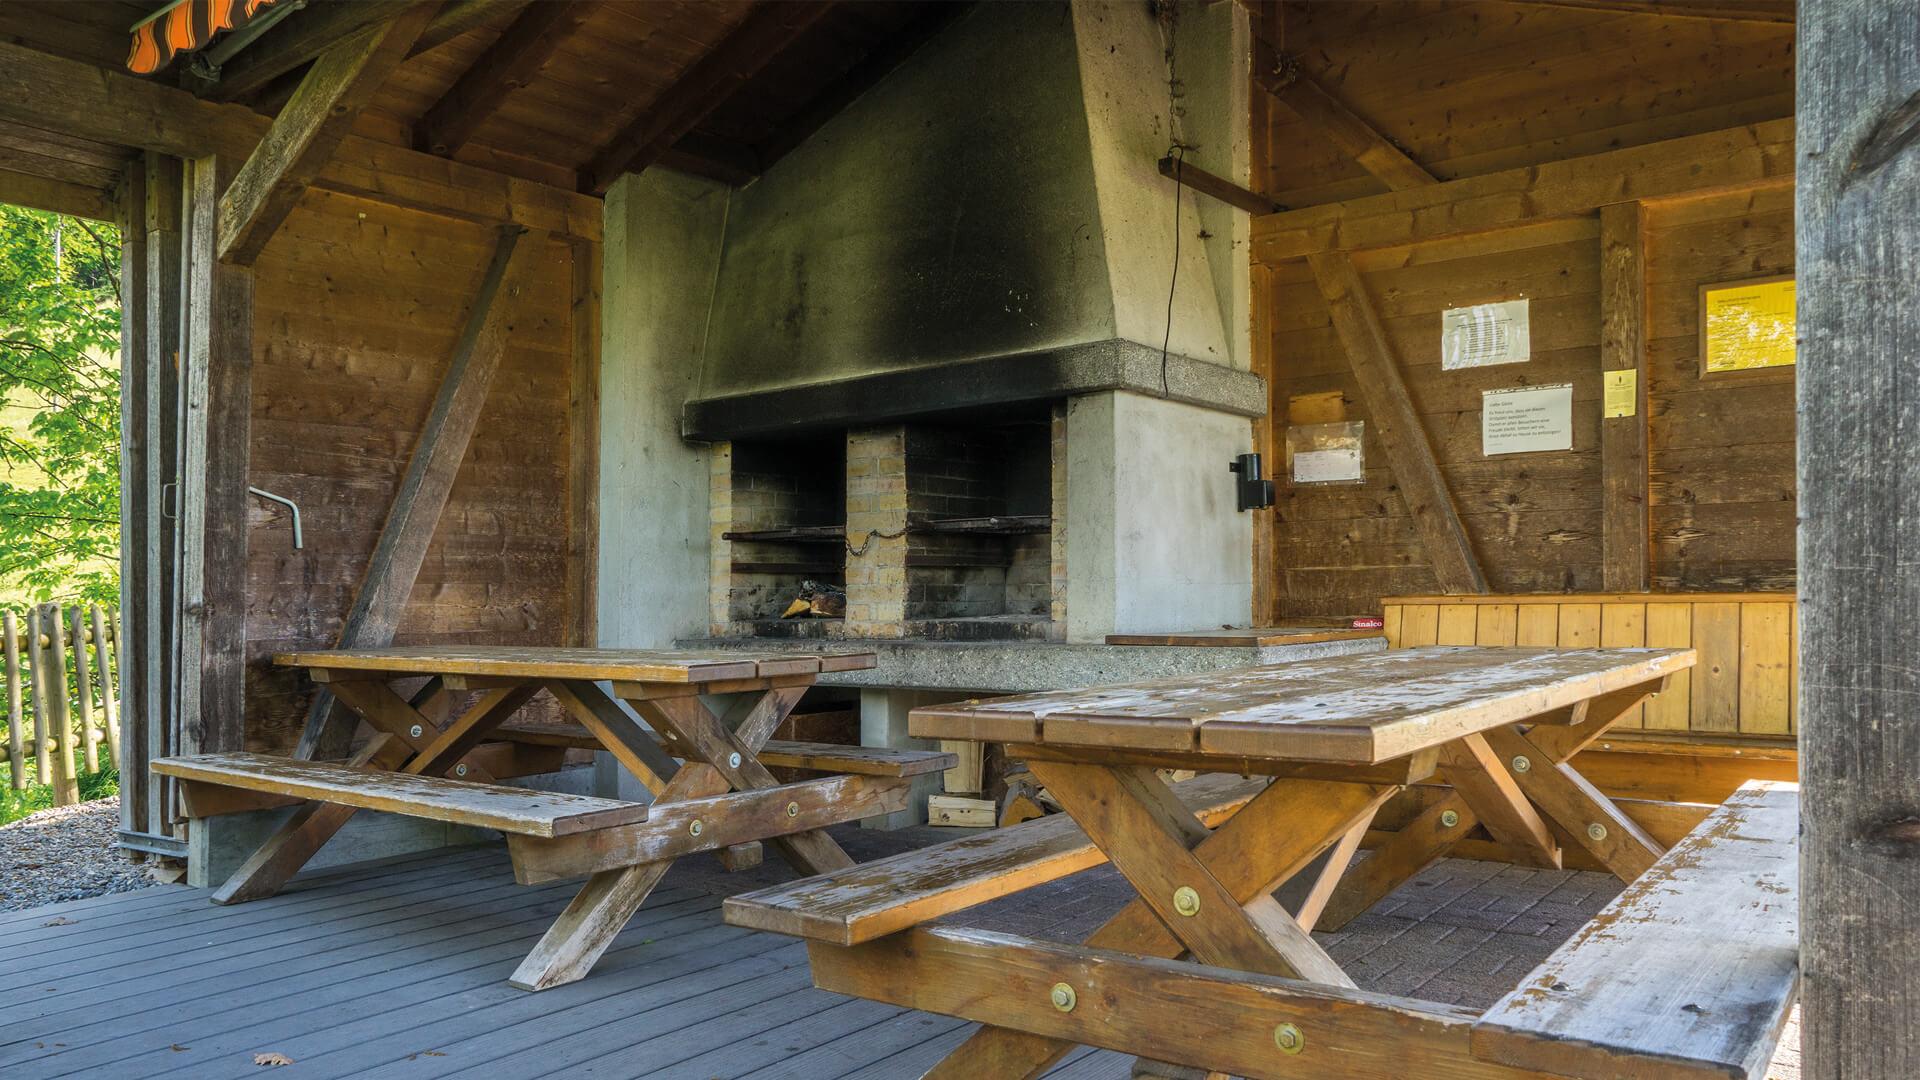 aeschlen-grillplatz-ruetacher-aeschlen-huette-innen